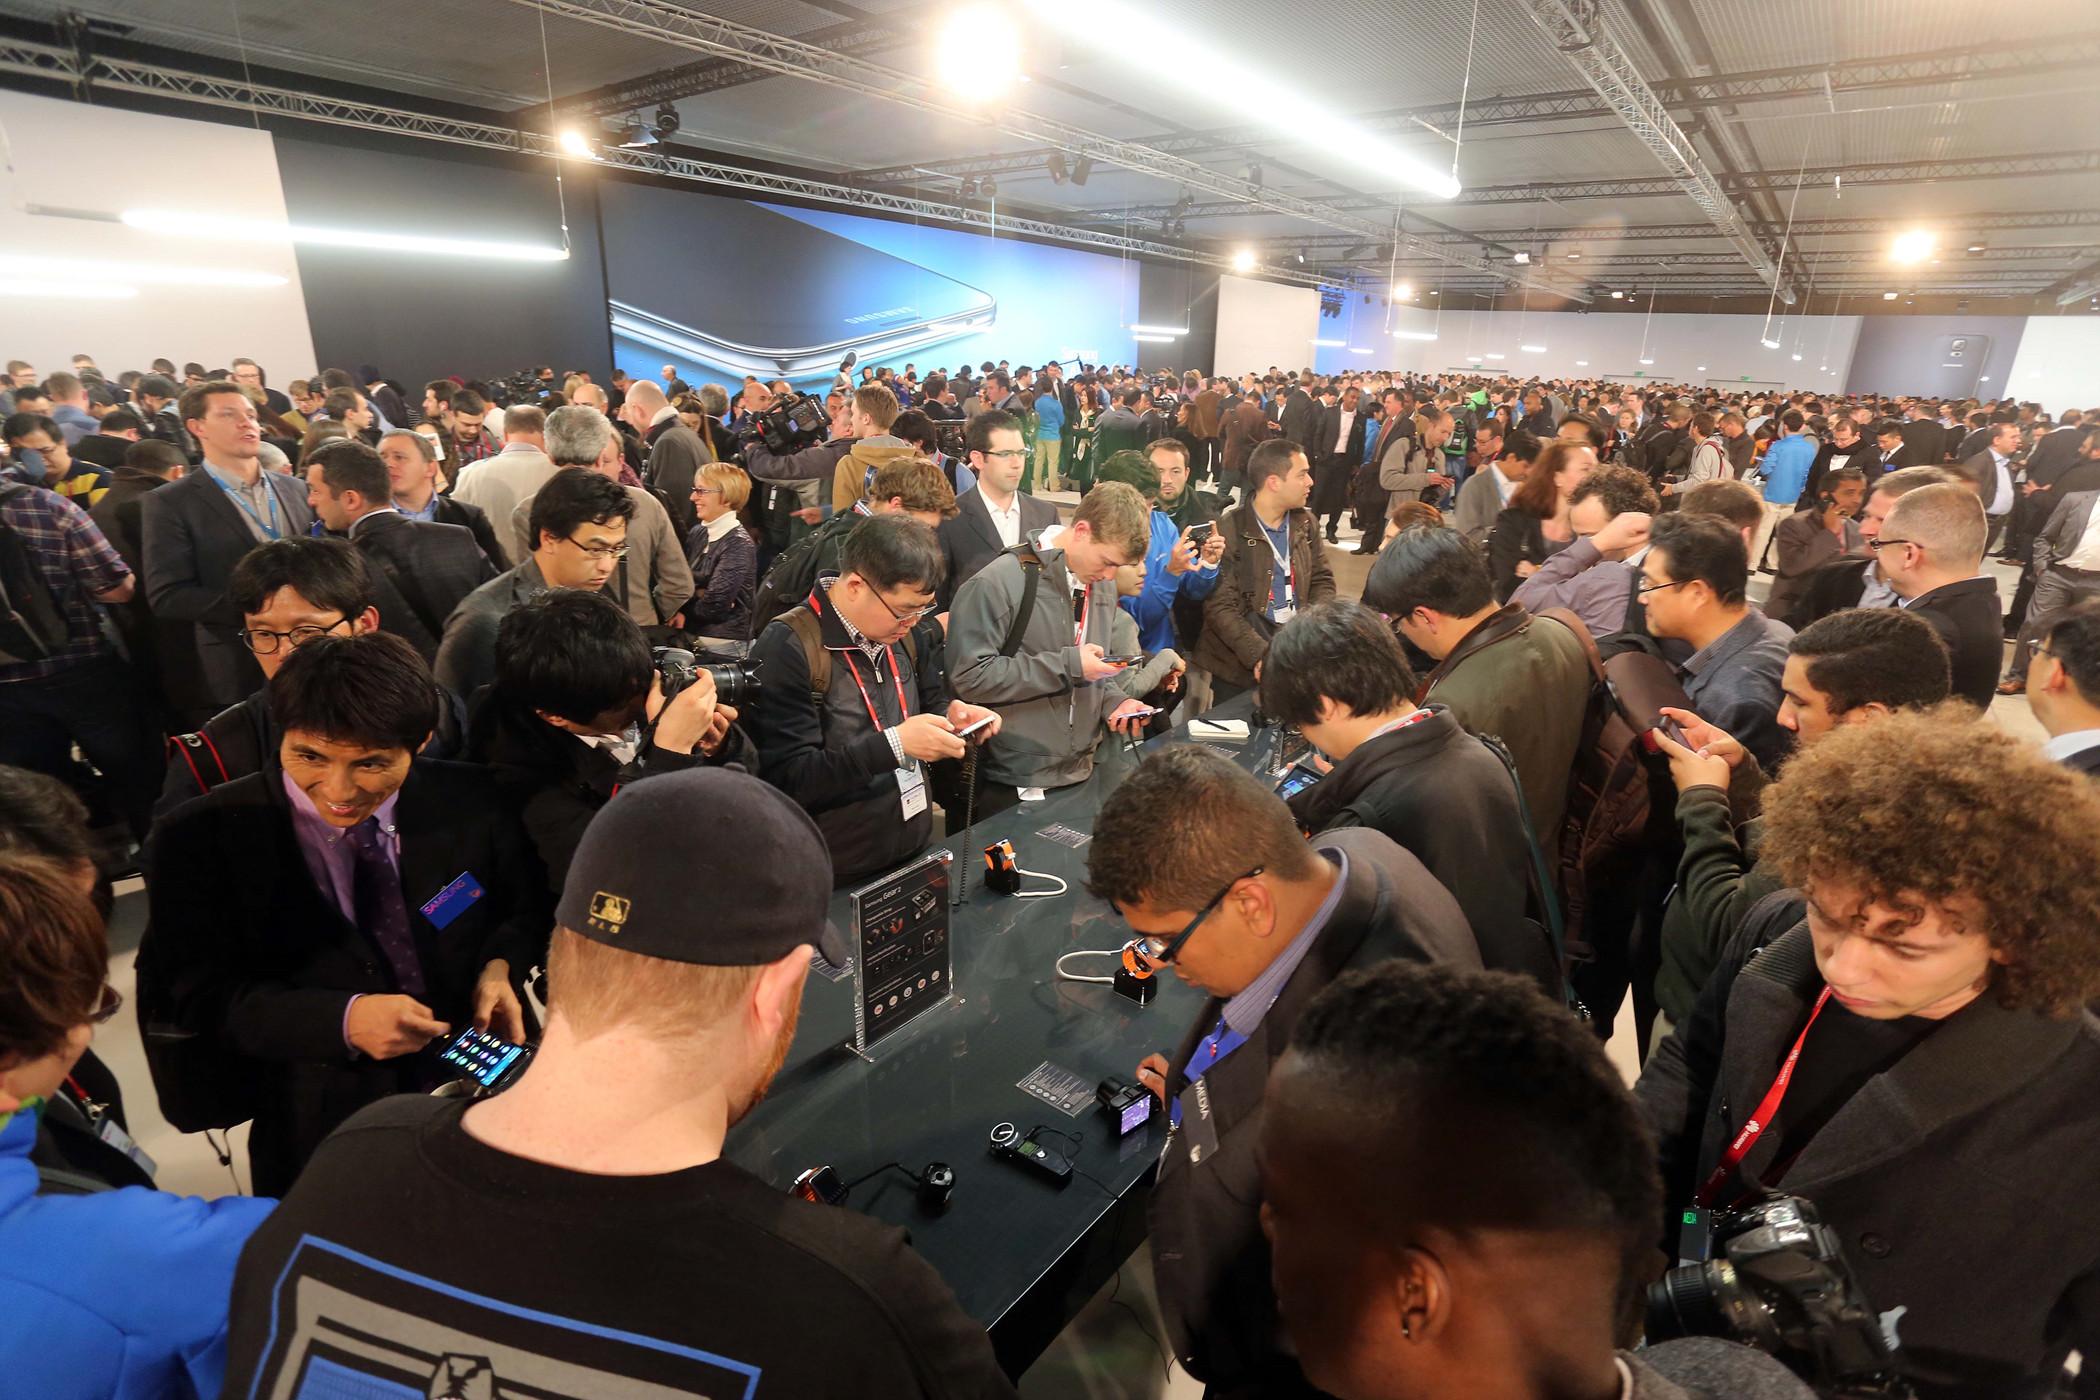 스페인 바르셀로나 컨벤션센터에서 삼성 모바일 언팩 2014를 개최하고 참석자들이 제품을 시연하는 모습입니다.